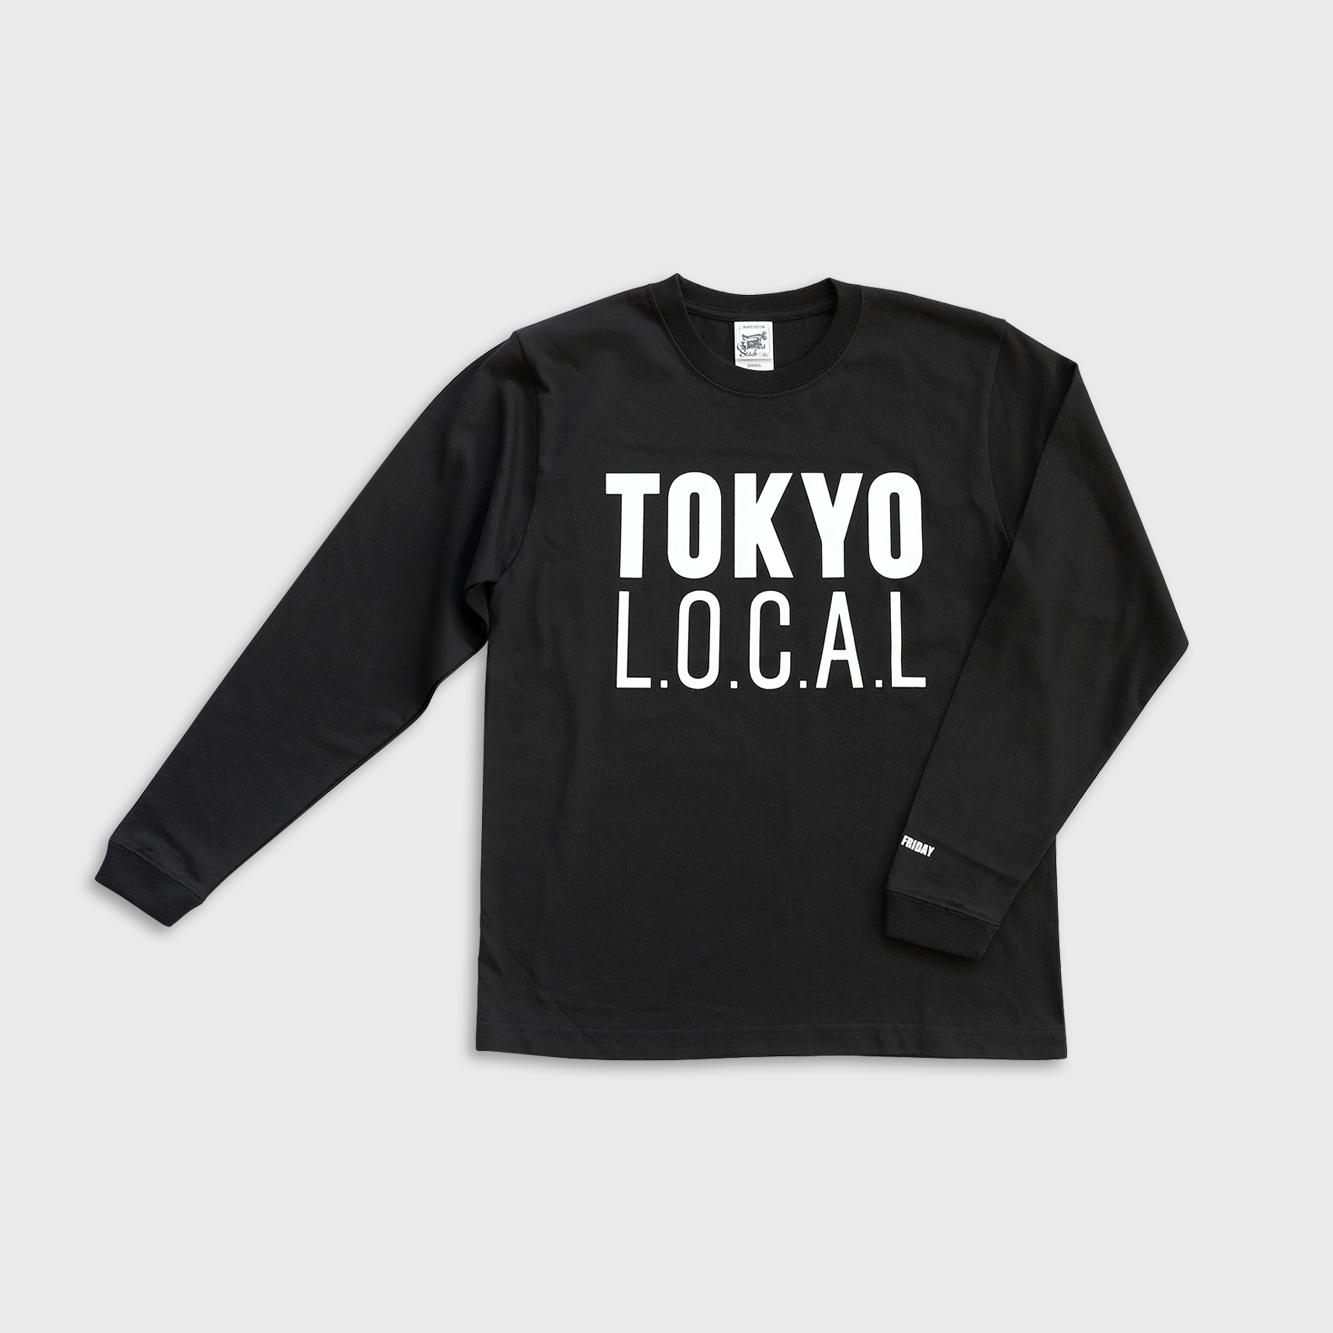 「ベーシックロゴ」TOKYO L.O.C.A.L ロングスリーブTシャツ